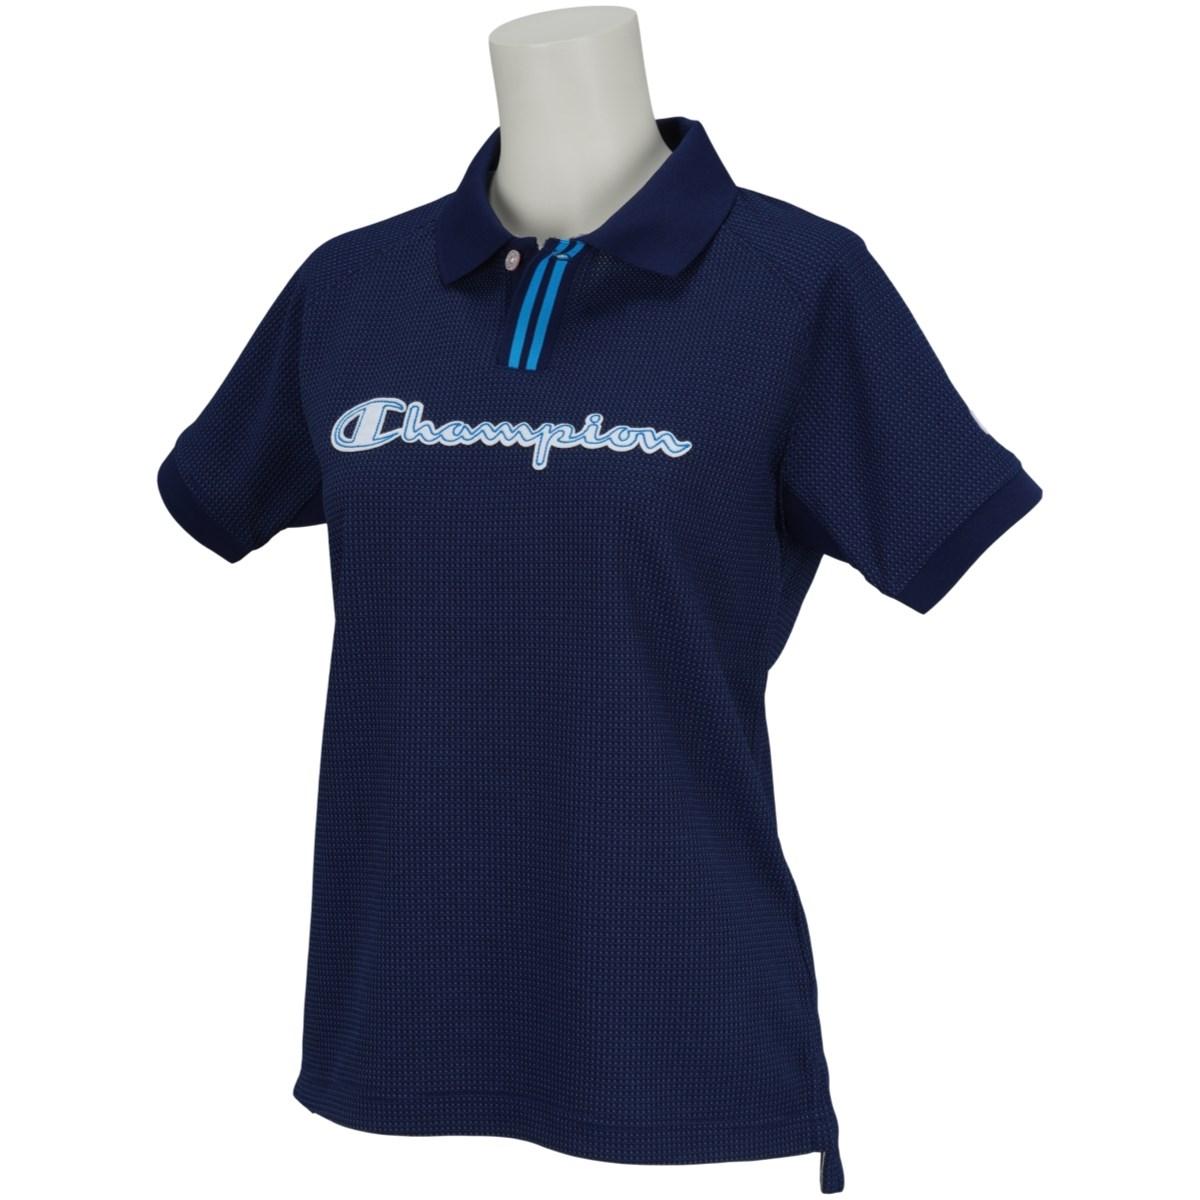 チャンピオンゴルフ Champion GOLF ストレッチワッフル 半袖ポロシャツ M ネイビー 370 レディス